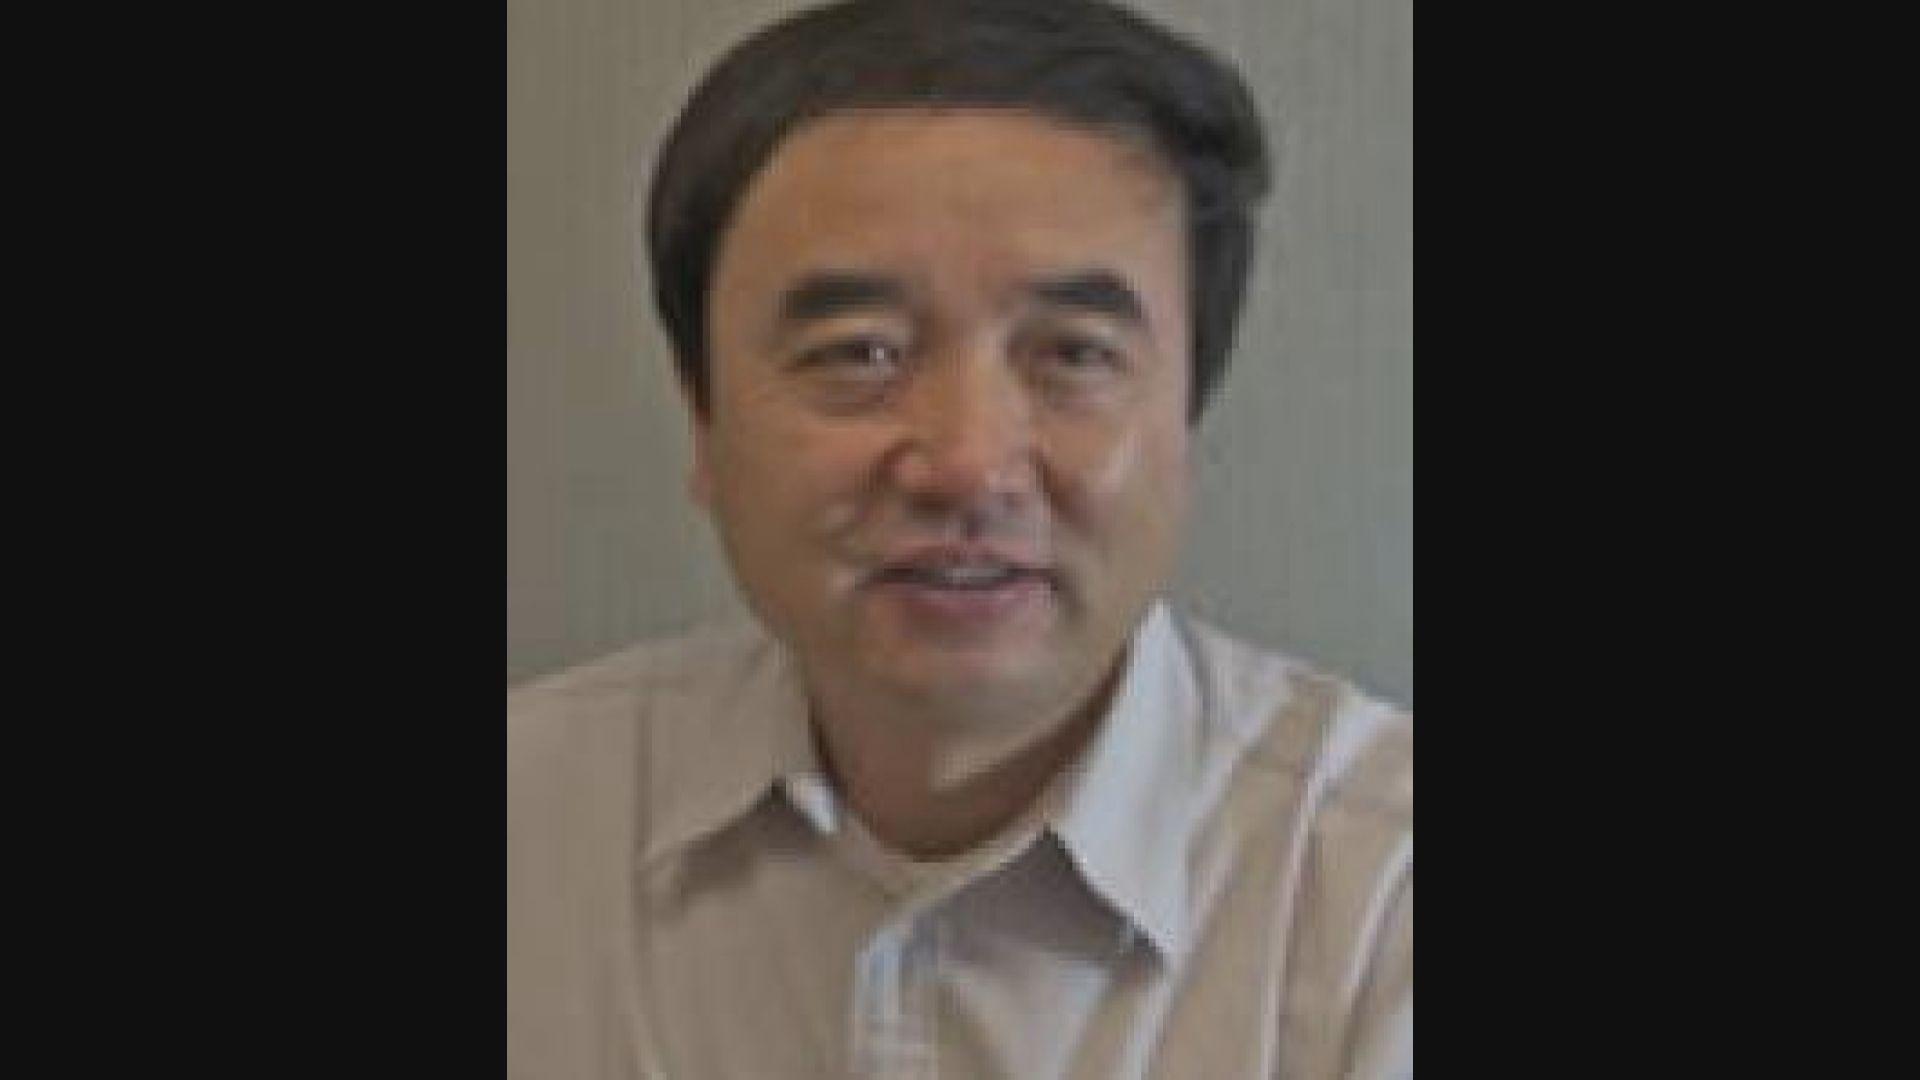 美國華裔學者疑向中國竊密被捕